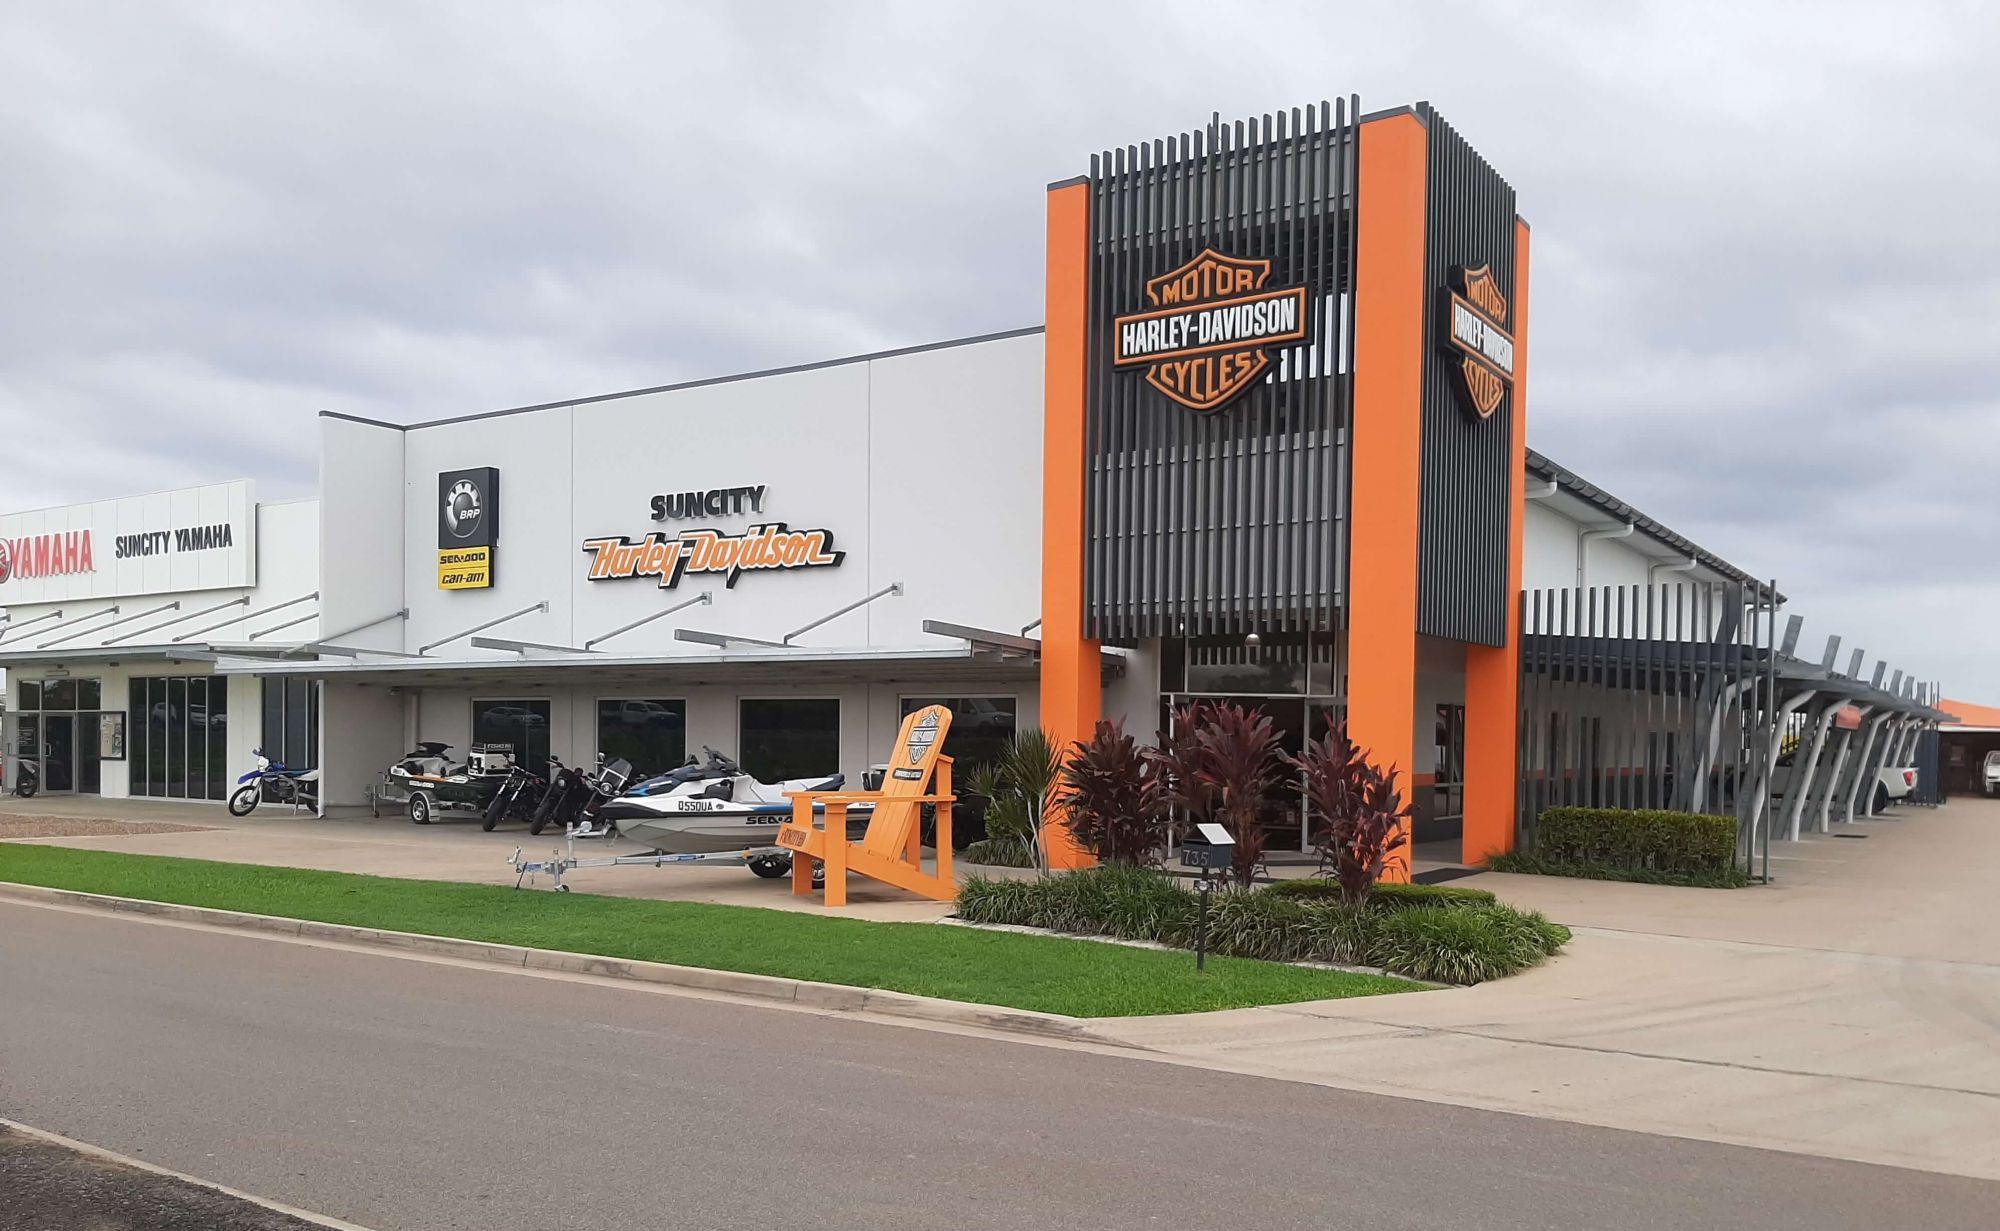 Suncity Harley Davidson & Sun City Yamaha, Woolcock St Bohle